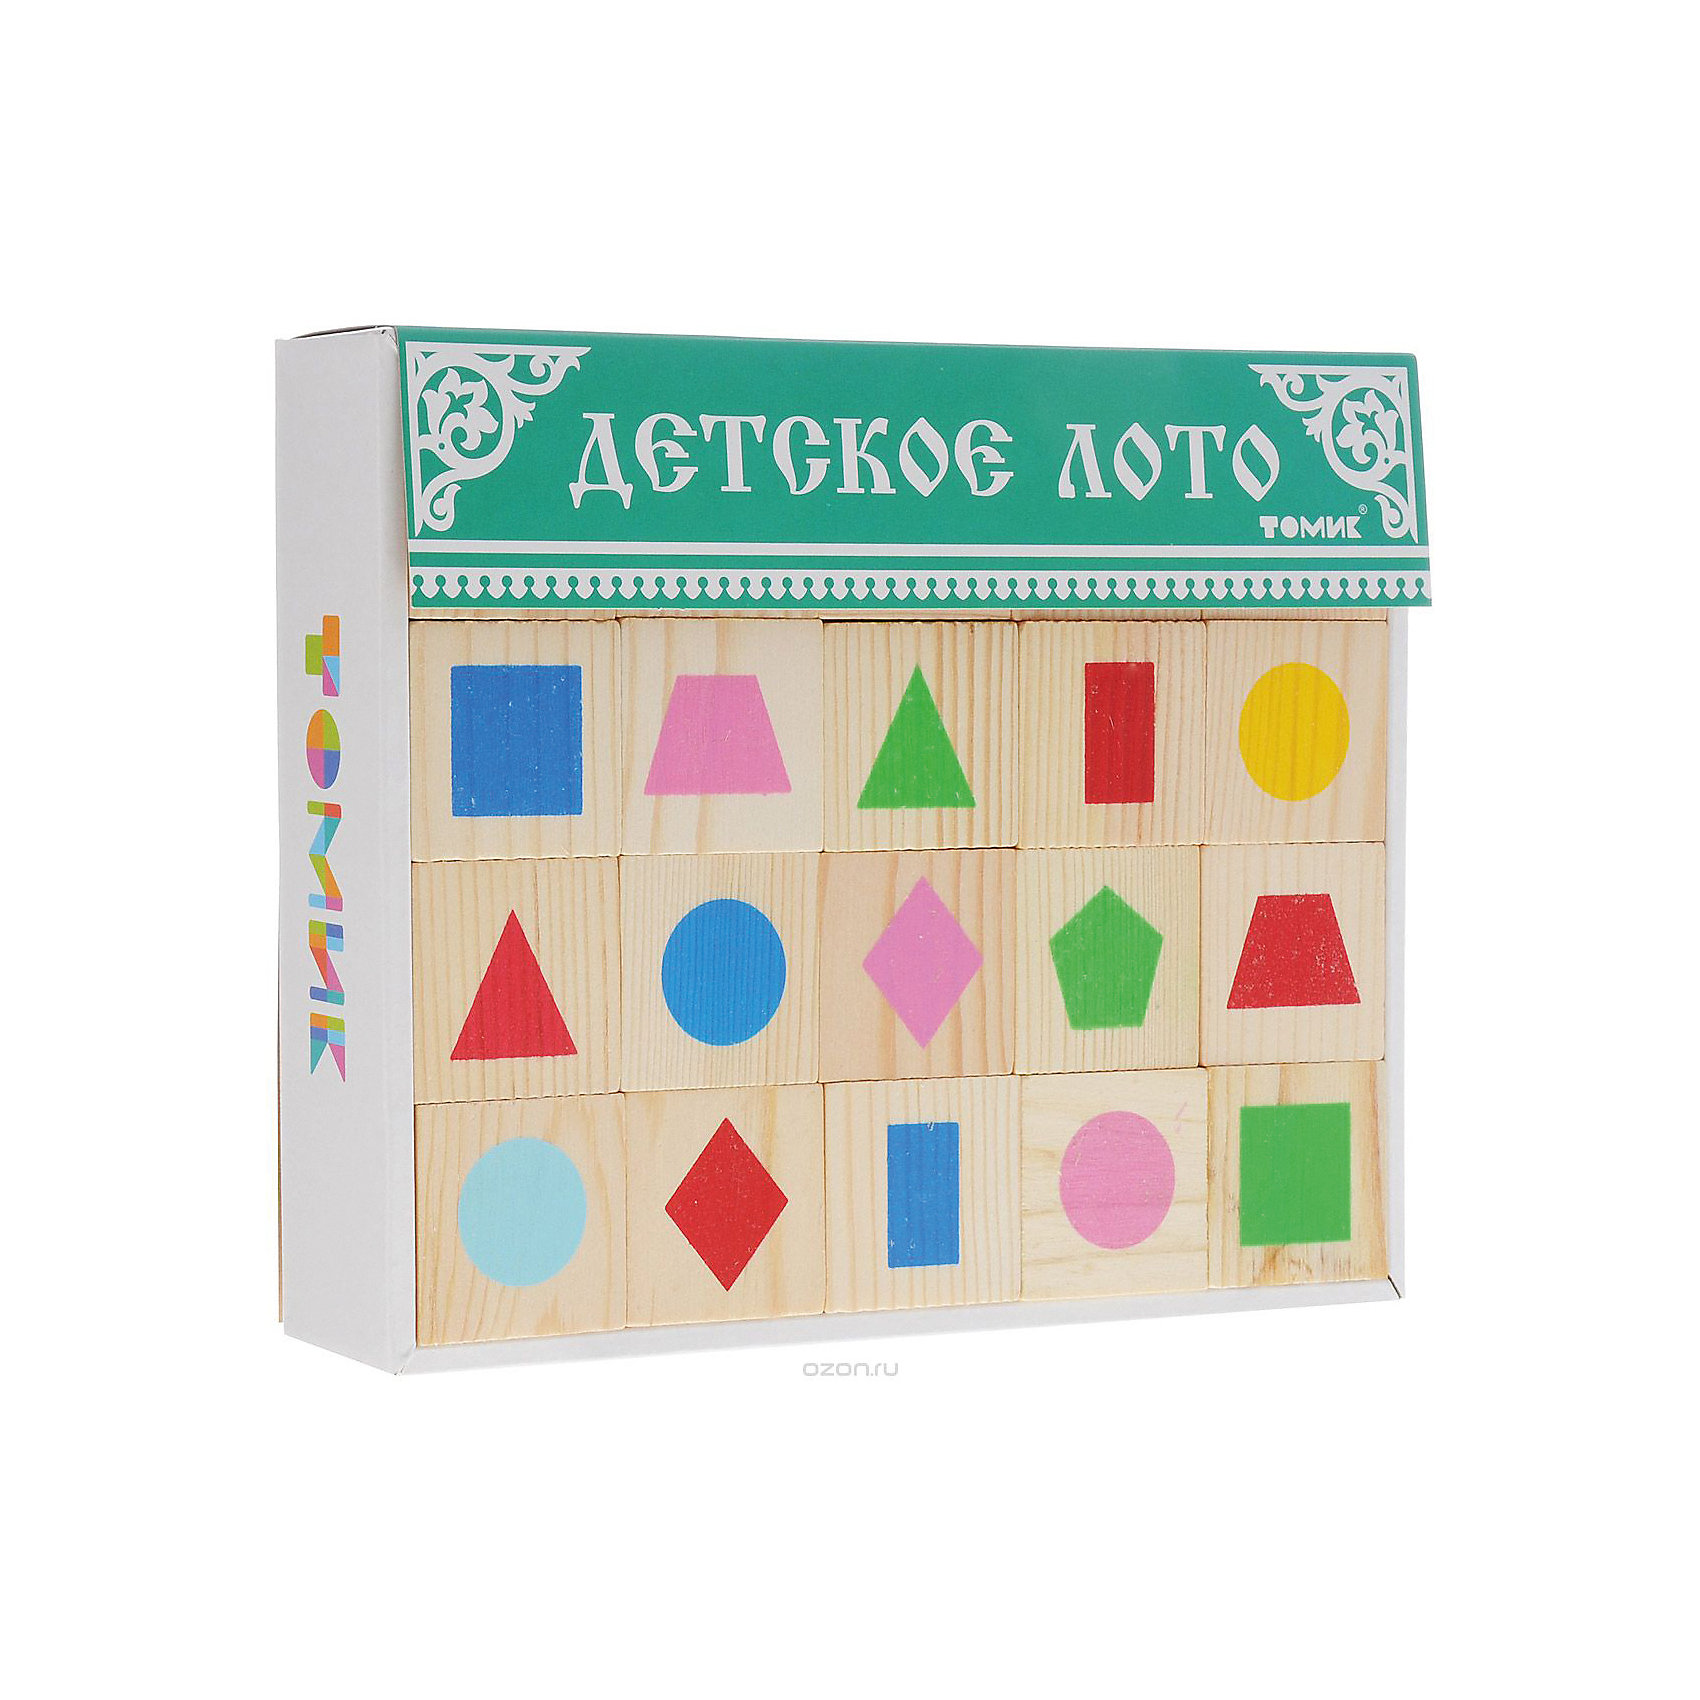 Лото Геометрические фигуры, ТомикДеревянные игры и пазлы<br>Лото Геометрические фигуры, Томик - это увлекательная развивающая игра для детей.<br>Классическое лото, которое предполагает знание чисел в пределах сотни, затрудняет игру для малышей. Специально для них существует детское лото, где вместо бочонков с числами используются фишки с картинками — геометрическими фигурами, животными, игрушками. <br>В набор лото Геометрические фигуры входит 6 карточек и 48 фишек с изображением геометрических фигур разного цвета: круг, квадрат, ромб, прямоугольник, овал, треугольник, трапеция, пятиугольник. В игре могут участвовать от 2 до 6 человек. Правила игры просты — карточки распределяются между игроками, а фишки по одной достаются ведущим из мешочка и игрок, у которого на карточке есть такая же картинка, как на фишке, забирает фишку себе и закрывает ей соответствующую картинку на карточке. Тот, кто первым закрыл на своих карточках все картинки, становится победителем. Однако до того, как начать играть по-настоящему, рассмотрите фишки, назовите нарисованные на них фигуры, их цвет. Рассортируйте их вместе сначала по цвету, а потом по форме. Затем пусть малыш сделает это самостоятельно. Потом дайте ребенку карточку. Дайте ему фишку с фигурой и попросите найти такую же фигуру на карточке и закрыть ее фишкой. Когда малыш освоит сам принцип игры – лото, можно играть вдвоем или втроем. После того, как в своей традиционной форме игра будет освоена, ее можно усложнить, не показывая фишку, а подробно характеризуя изображение: У этой фигуры три угла. Она красного цвета - пусть малыш учится работать с вербальной информацией, постепенно запоминает и дает правильные названия. Играя в лото Геометрические фигуры ребенок сможет легко запомнить как простые, так и более сложные геометрические фигуры. Как и вся продукция «Томик», детали лото сделаны из чистого дерева и сертифицированы для малышей, а нанесённые шелкографией рисунки долговечны и надёжны.<br><br>Дополнительная информация:<br><br>-